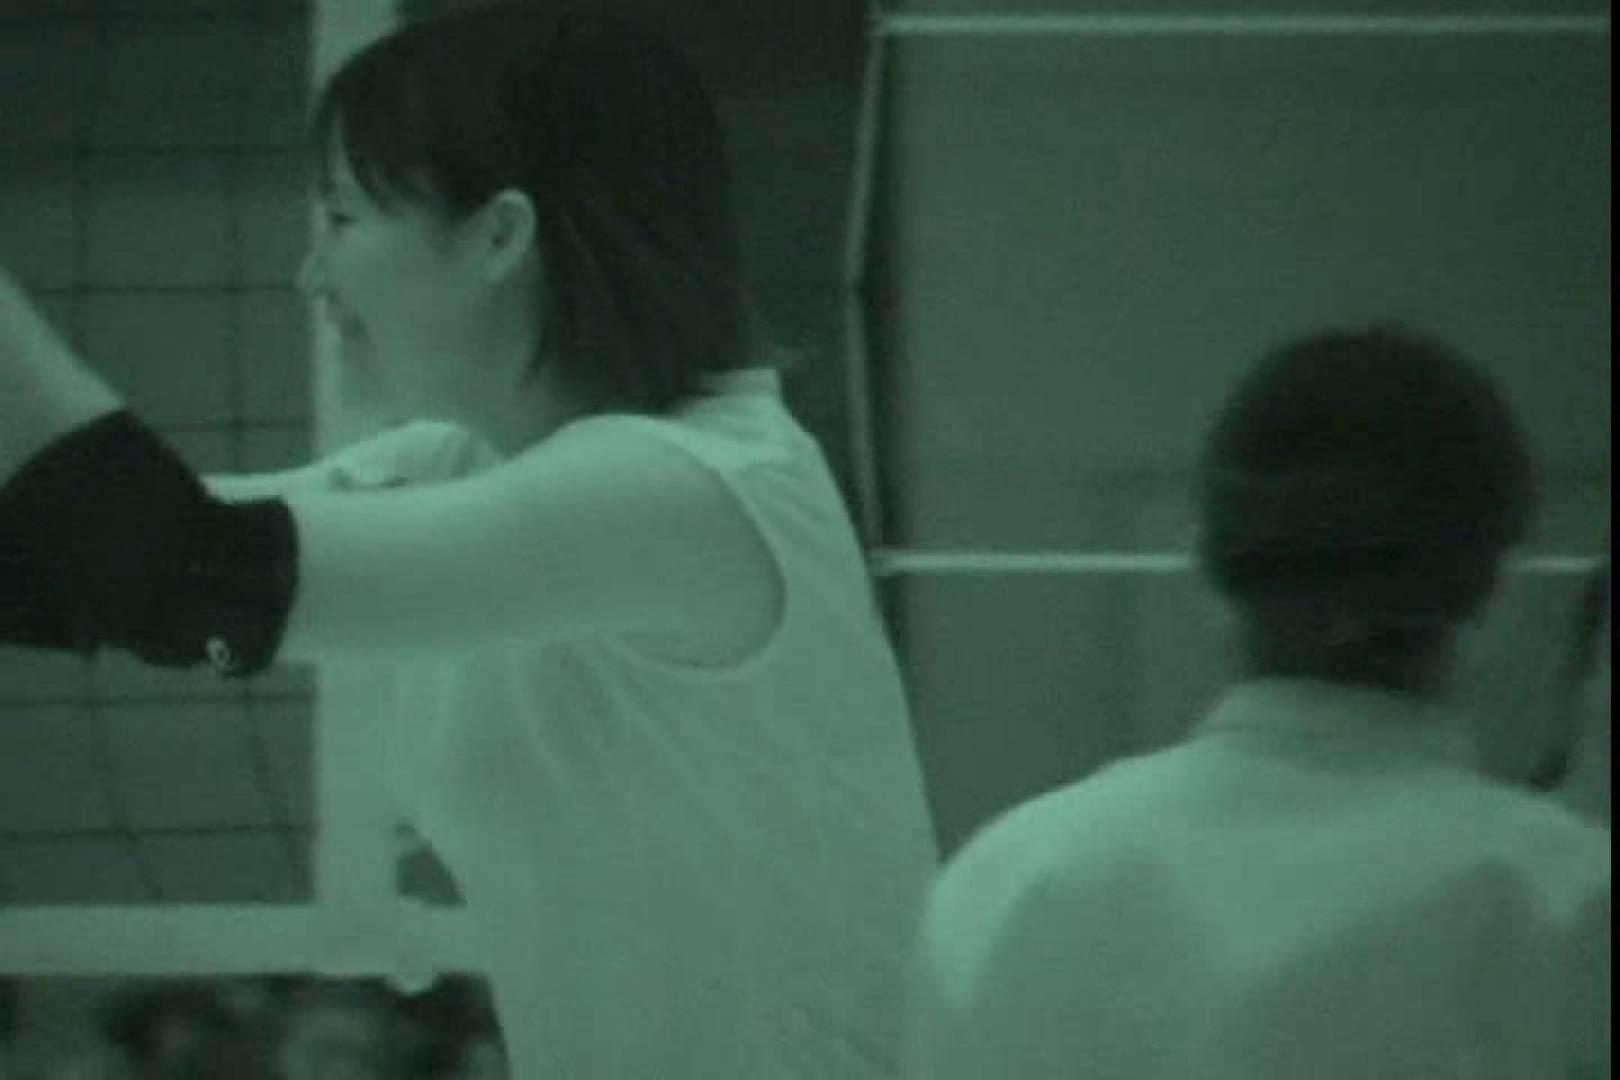 赤外線ムレスケバレー(汗) vol.09 パンツ 盗み撮りSEX無修正画像 92連発 75